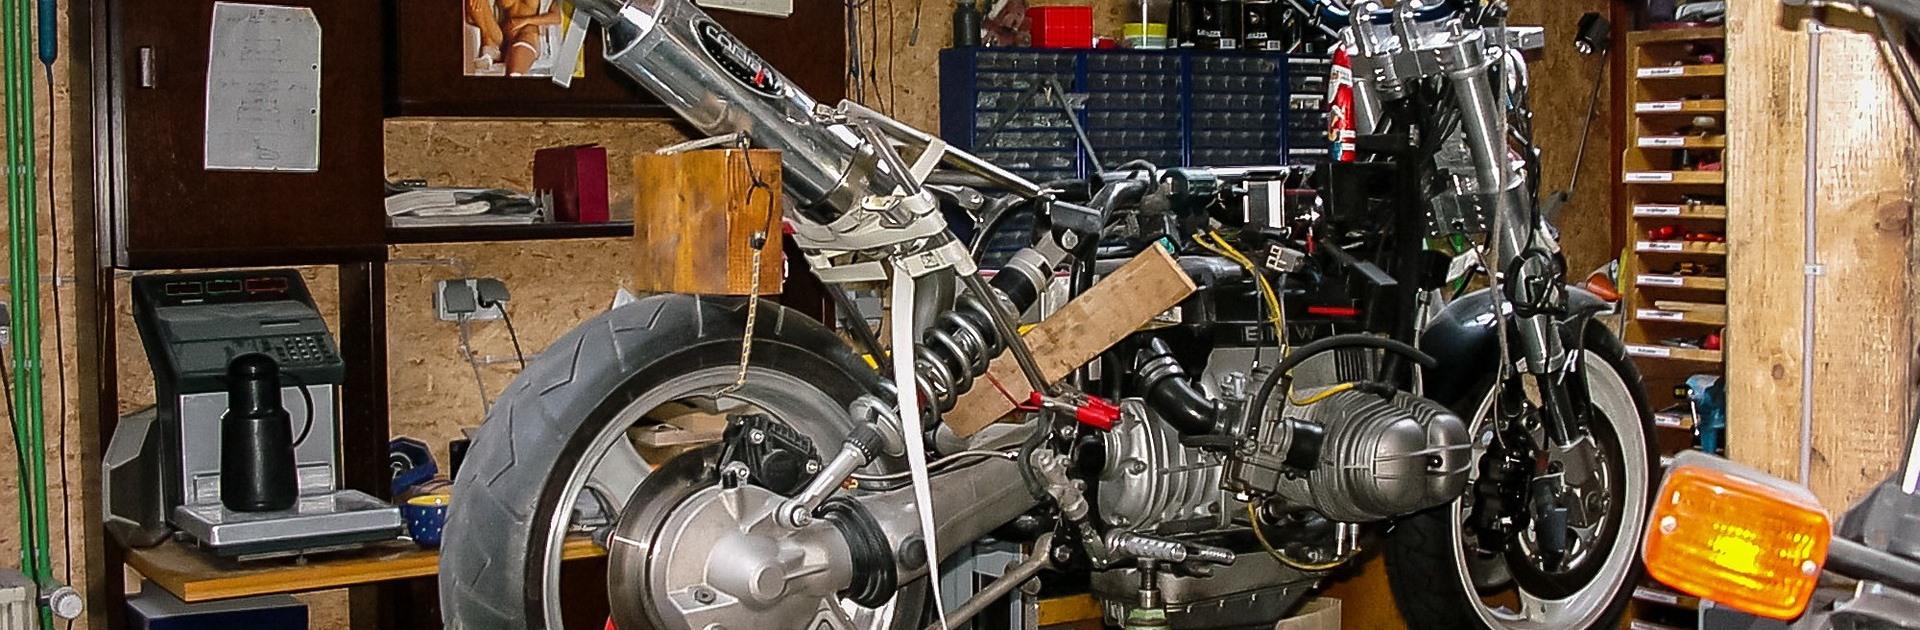 Foto: Motor in winterstalling